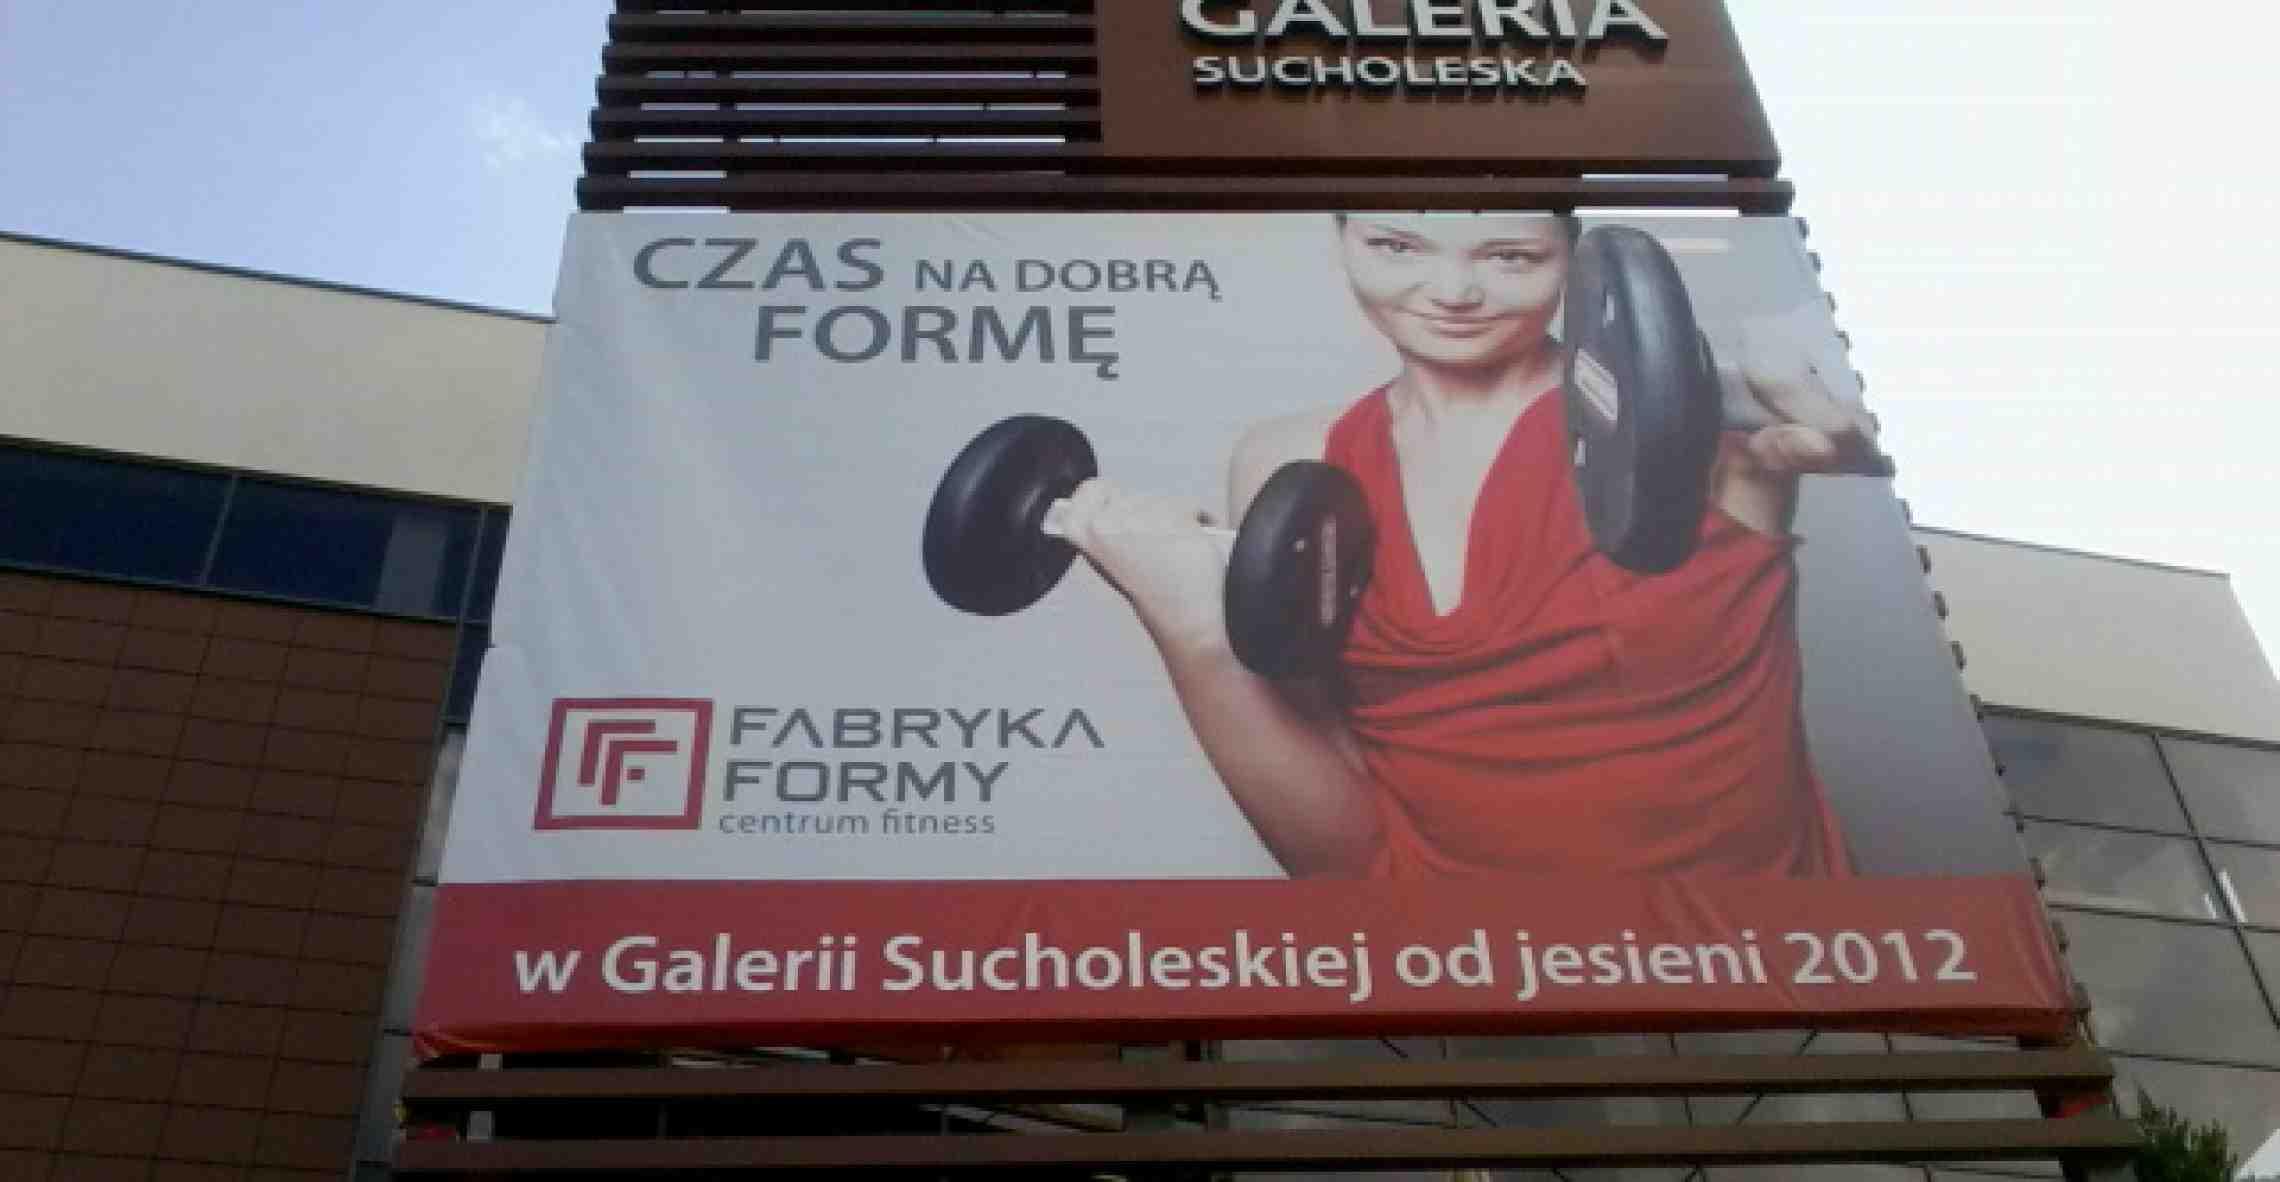 fabryka formy 1